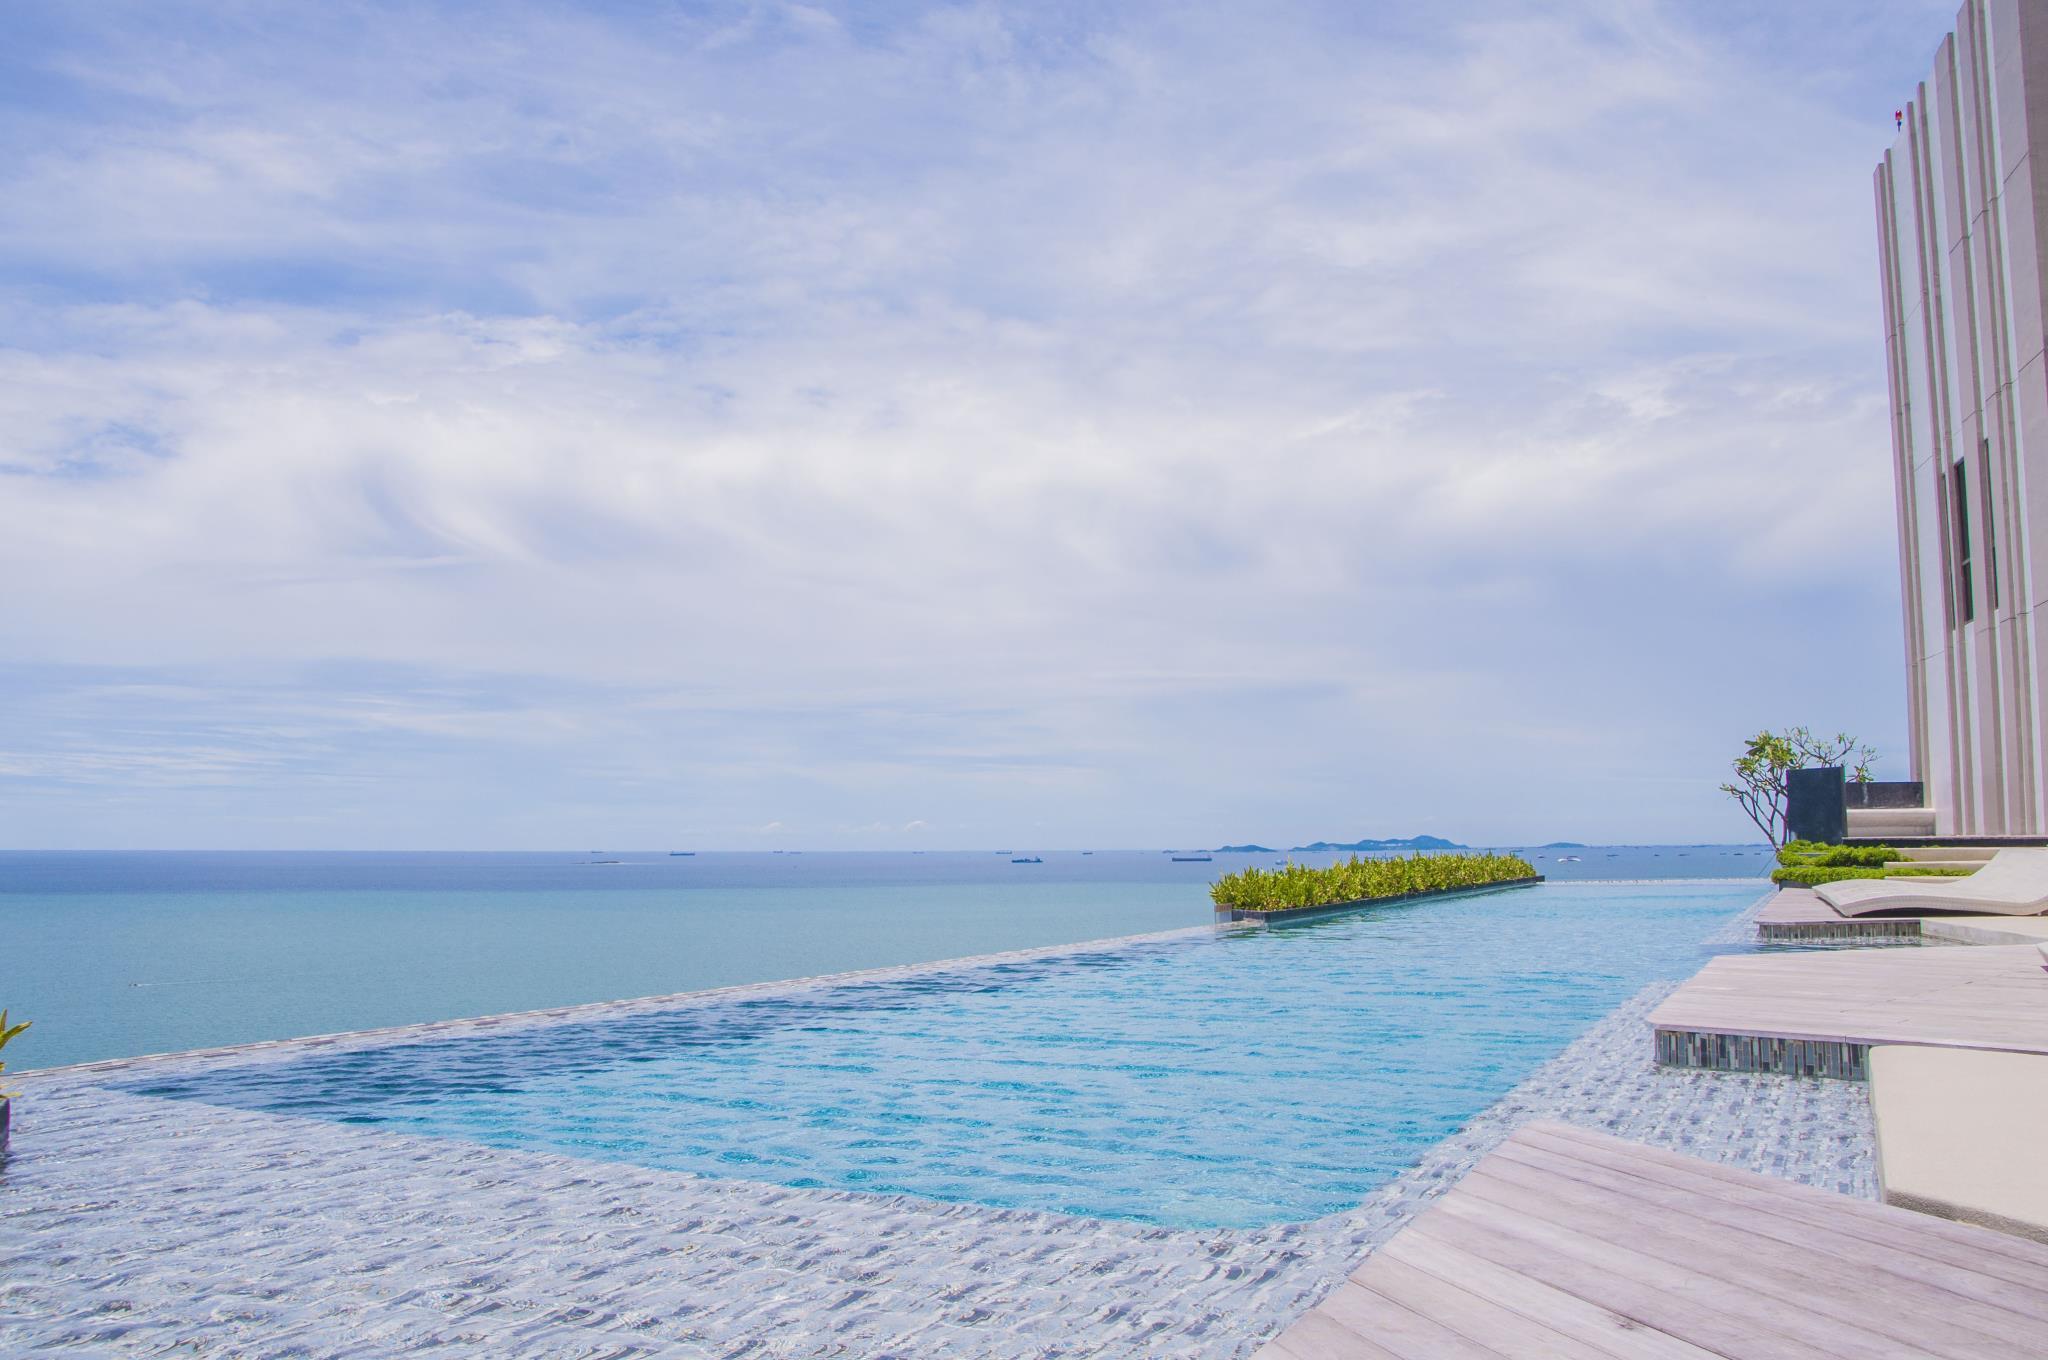 Baan Plai Haad condominium by Liberty Group Real Estate,บ้านปลายหาด คอนโดมีเนียม บาย ลิเบอร์ตี้ กรุ๊ป เรียล เอสเตท